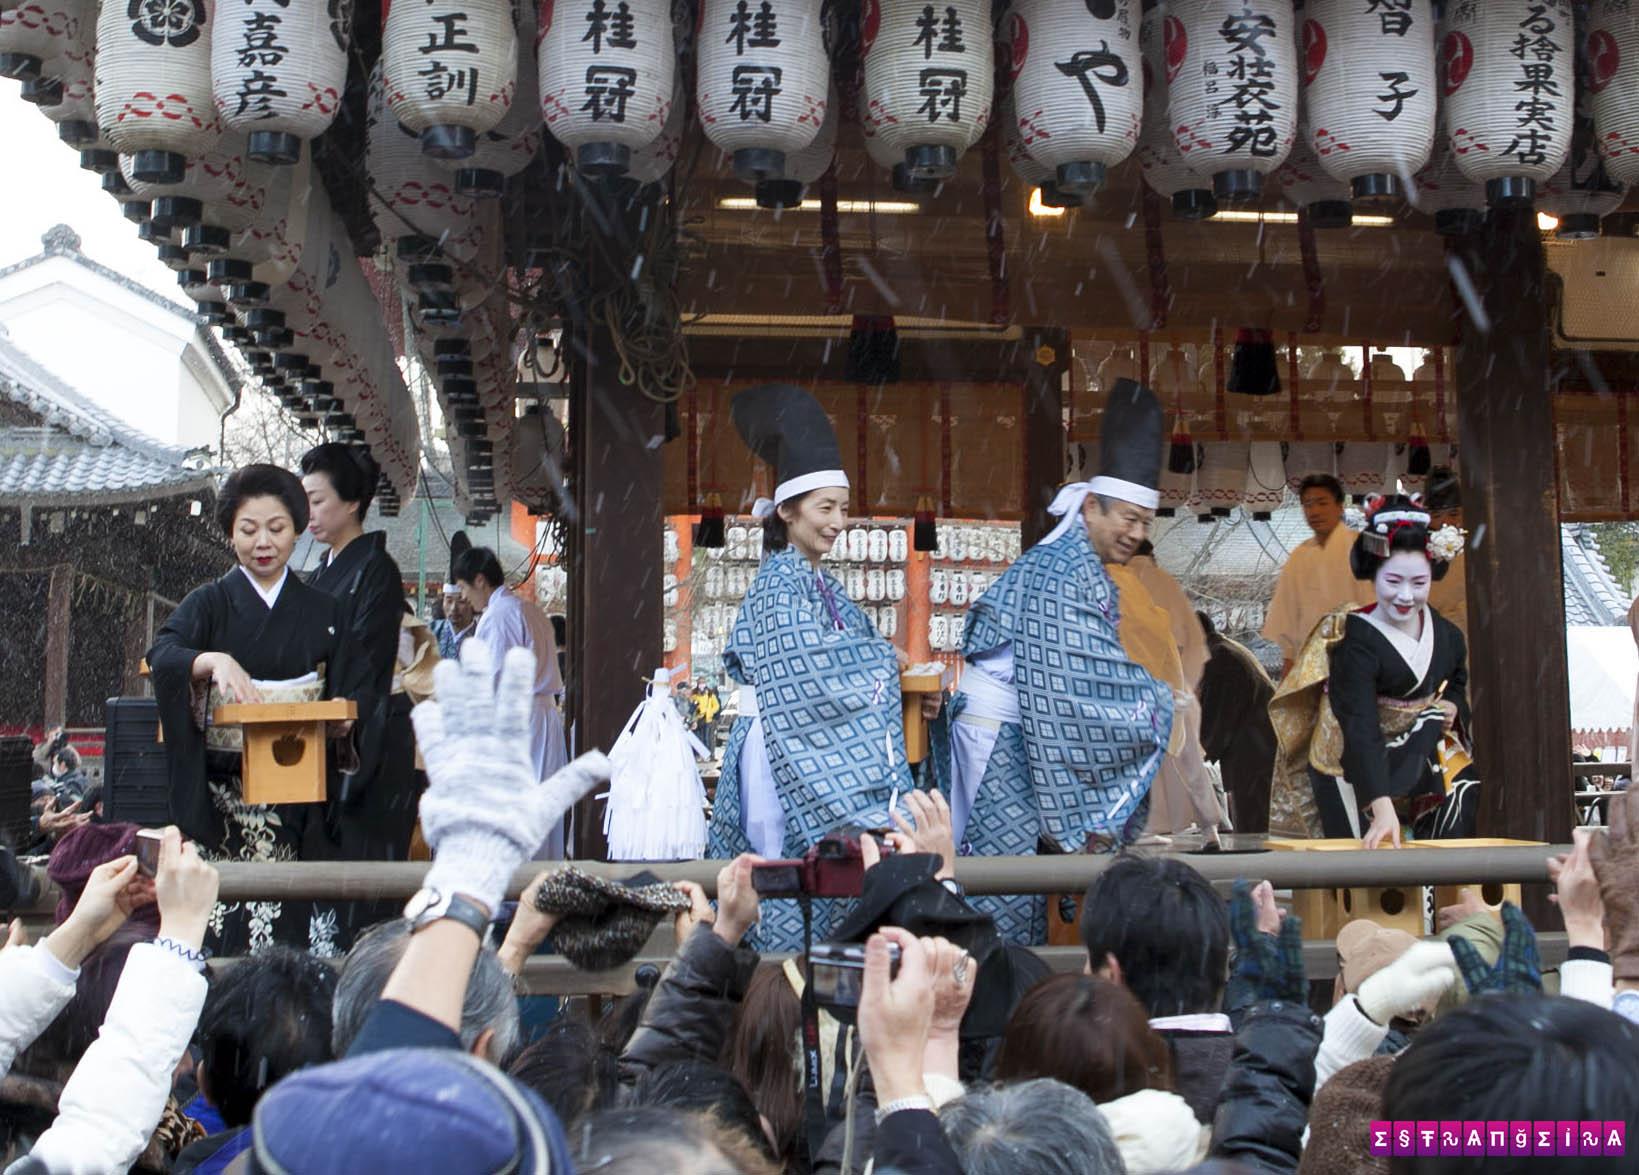 gueixa-em-kyoto-festival-danca-2